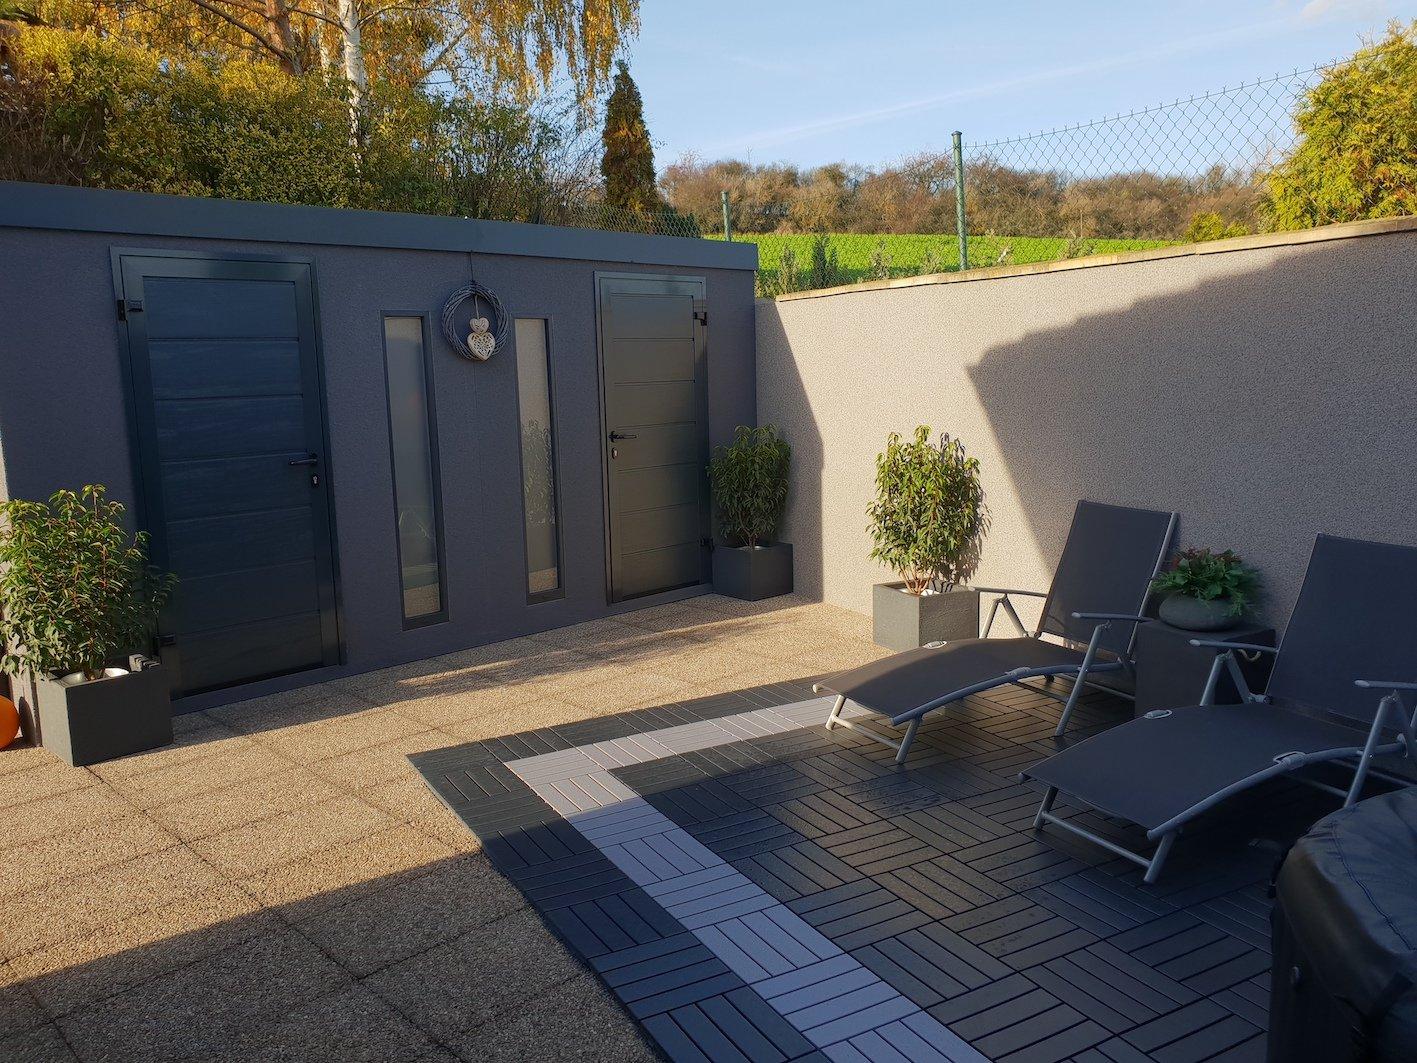 Tmavo sivý dvojitý záhradný domček